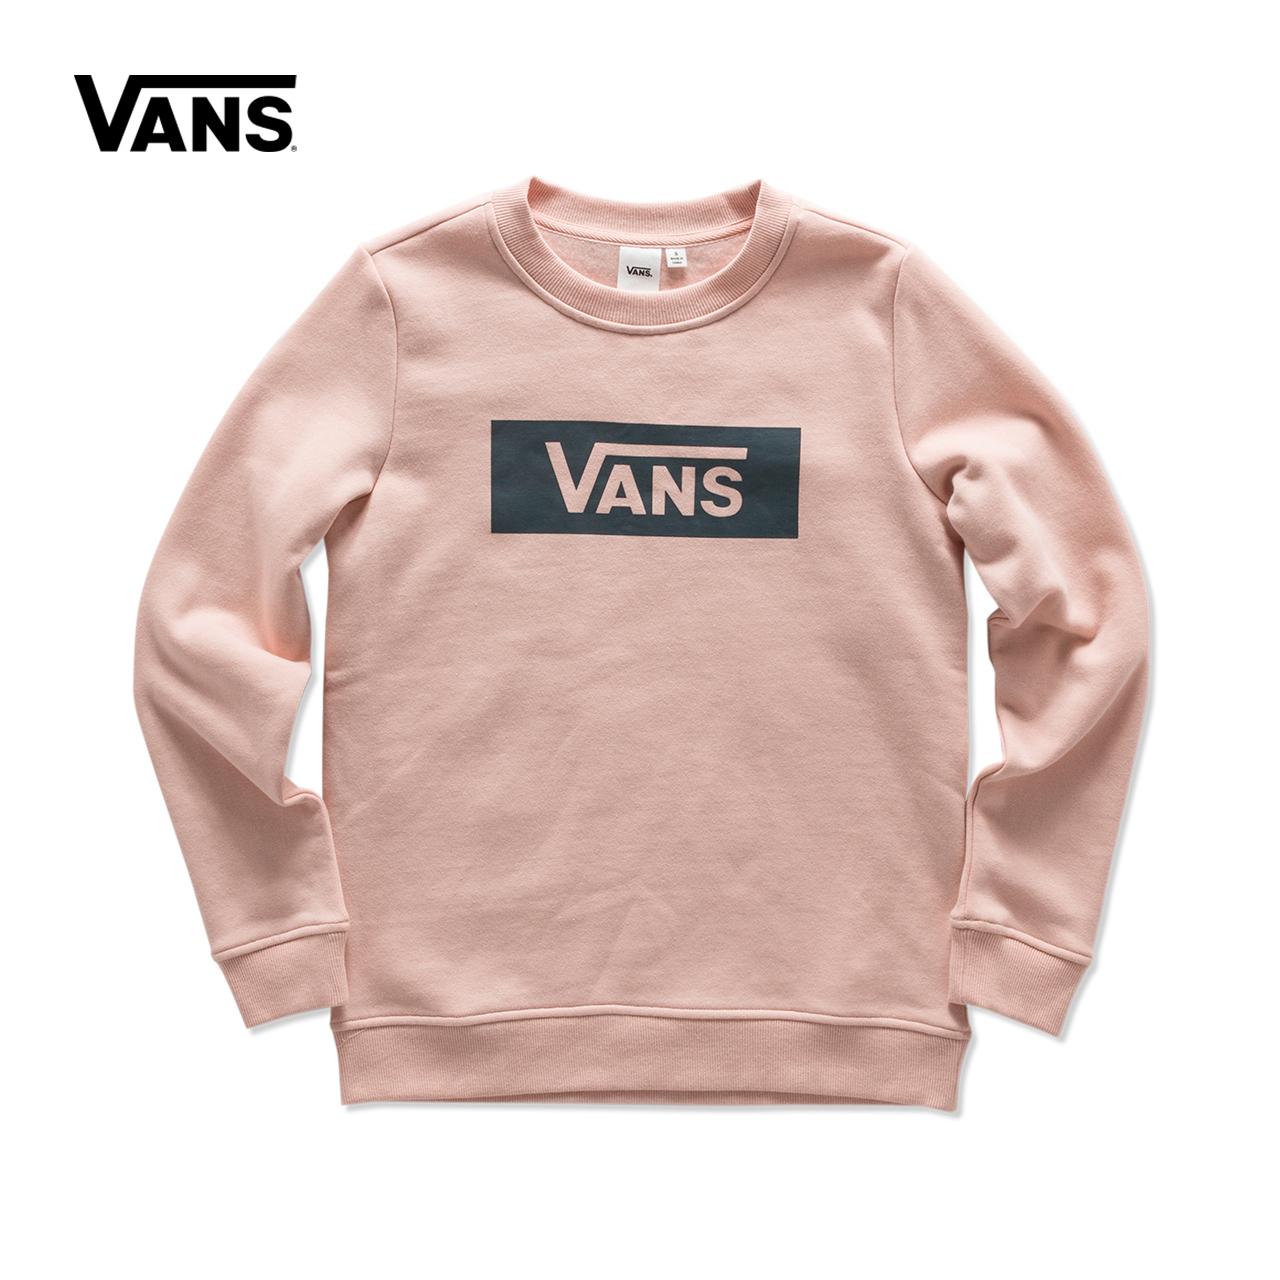 Vans/ модель этот весна - деньги рукав голову свитер |VN0A3IO8BLK/P2I